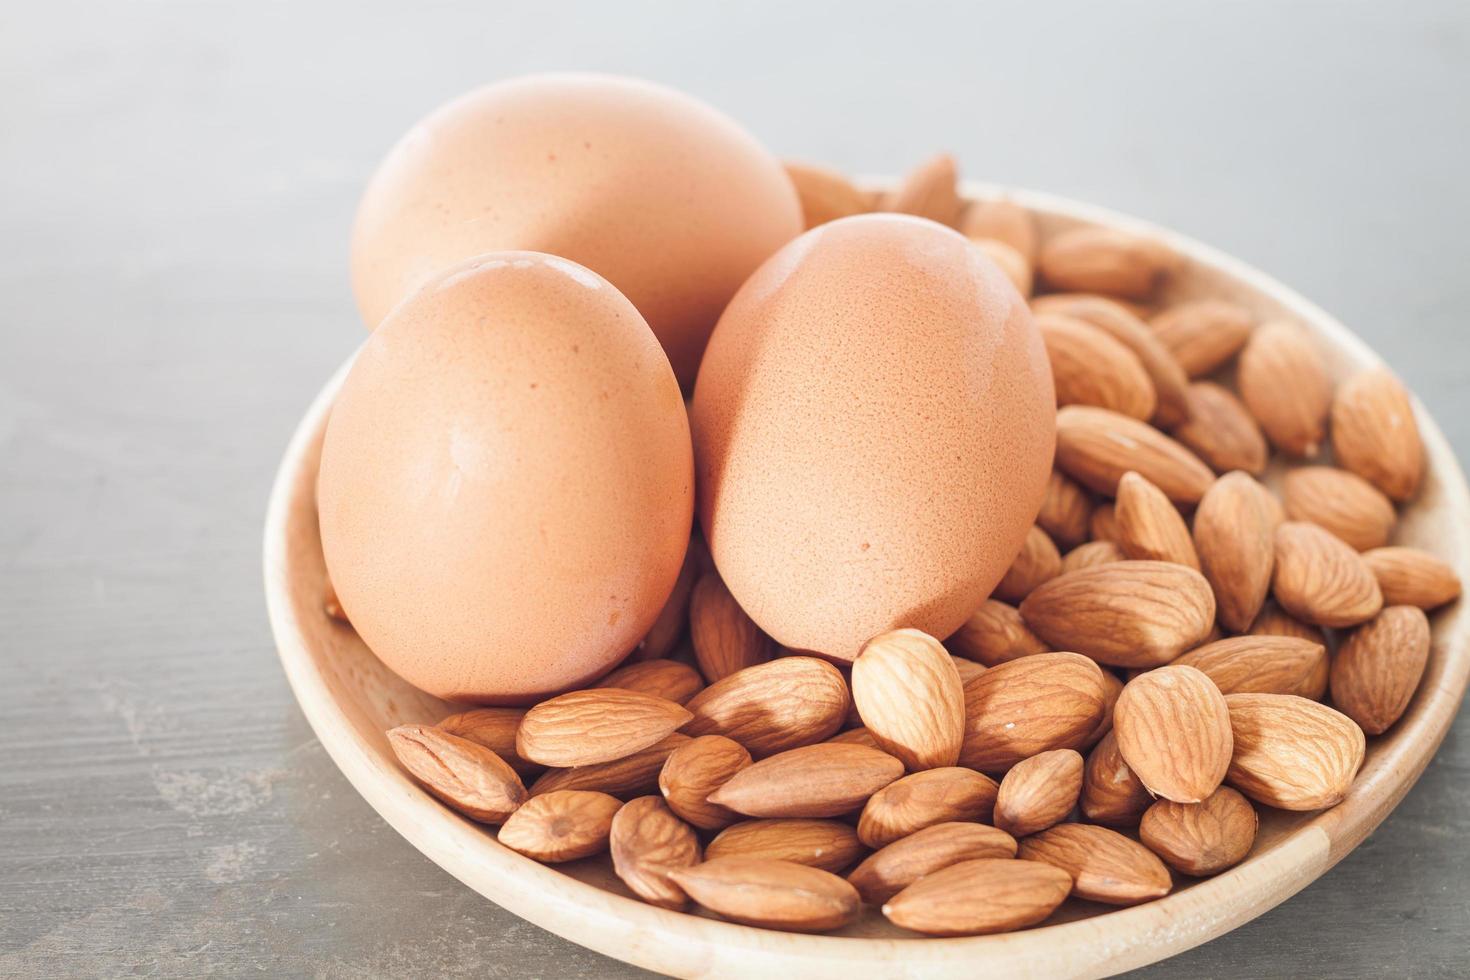 noix d'amande et œufs photo